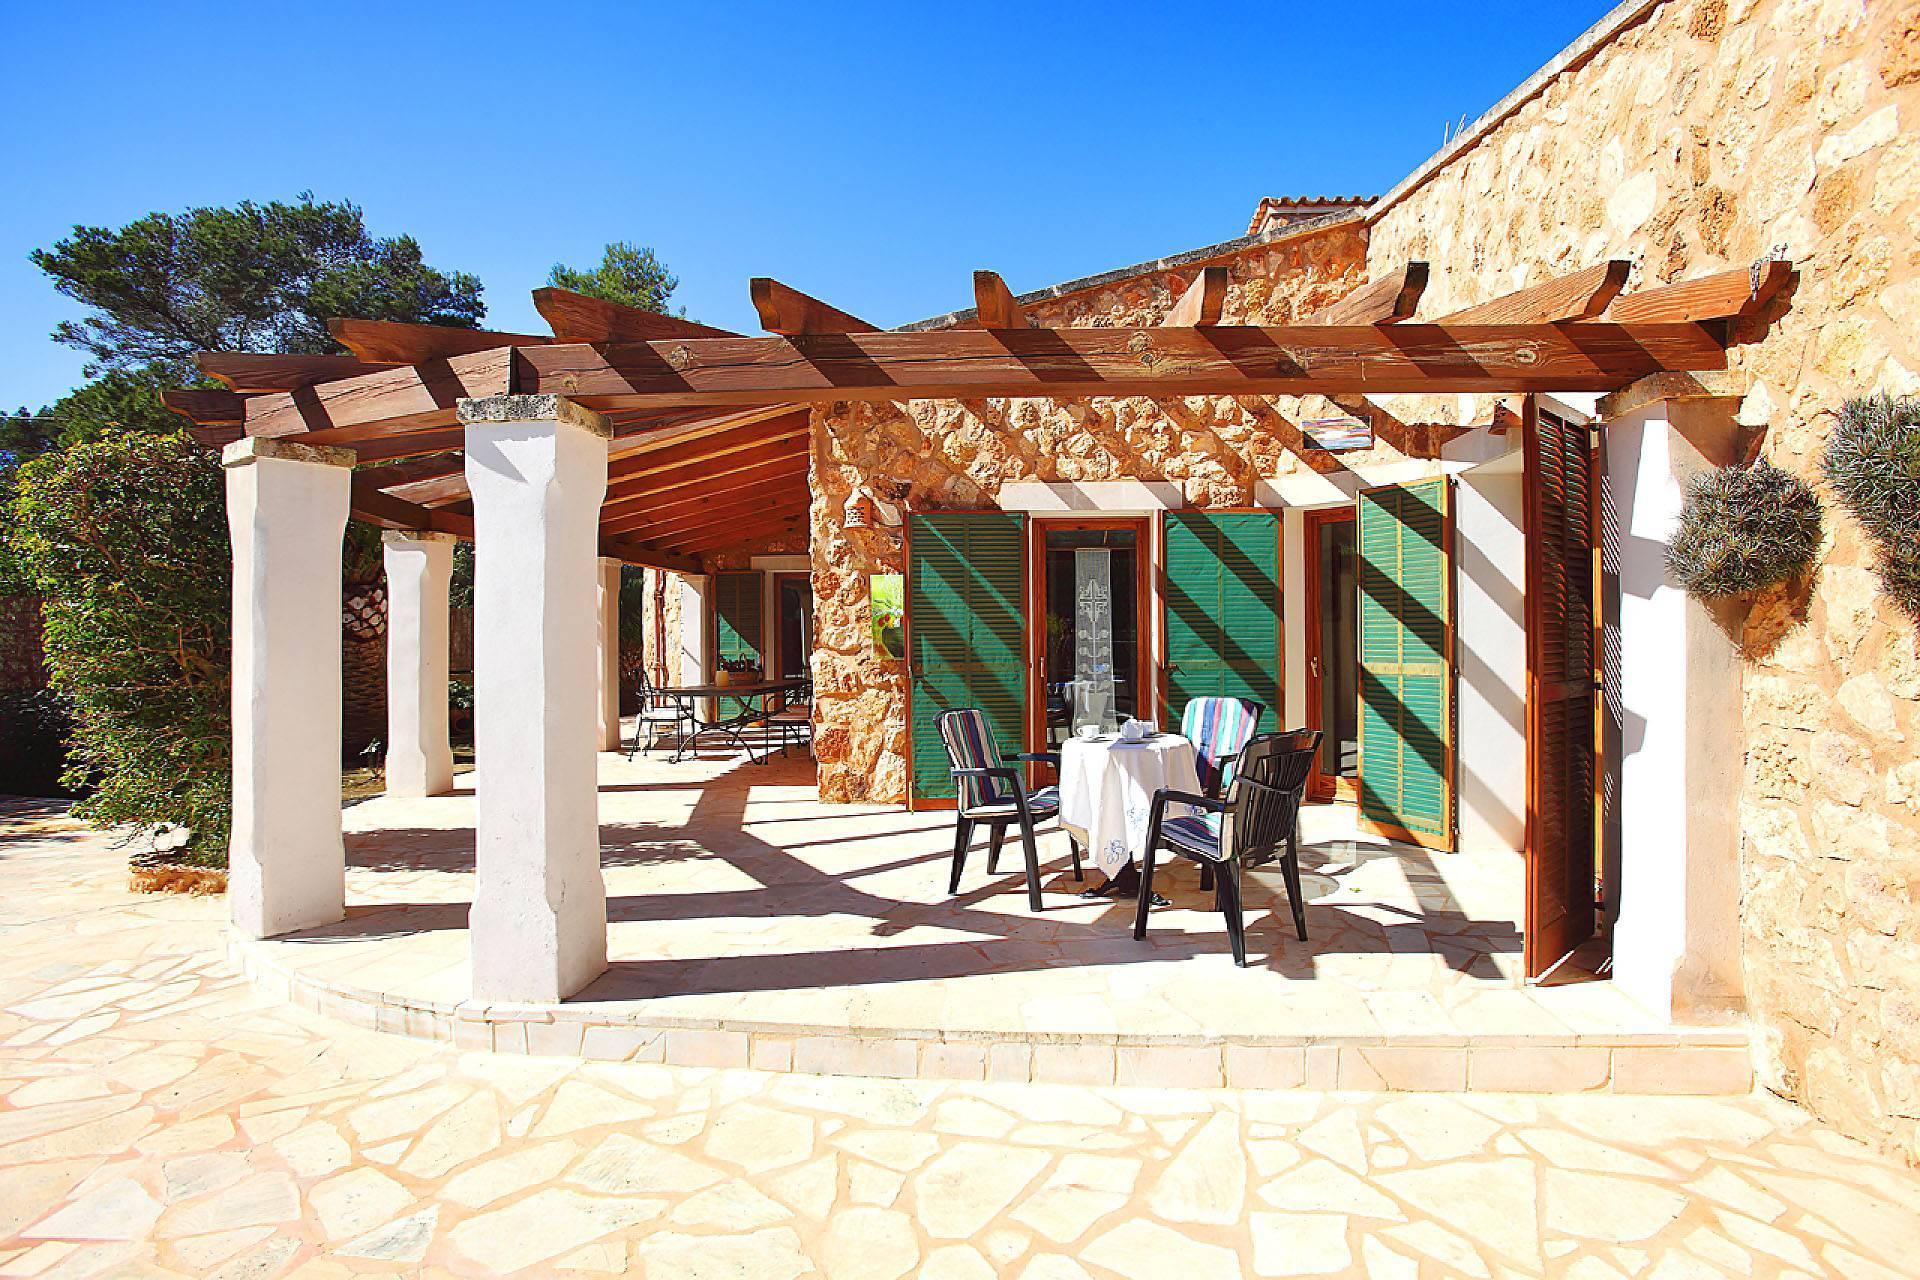 01-174 Gemütliches Ferienhaus Mallorca Süden Bild 9